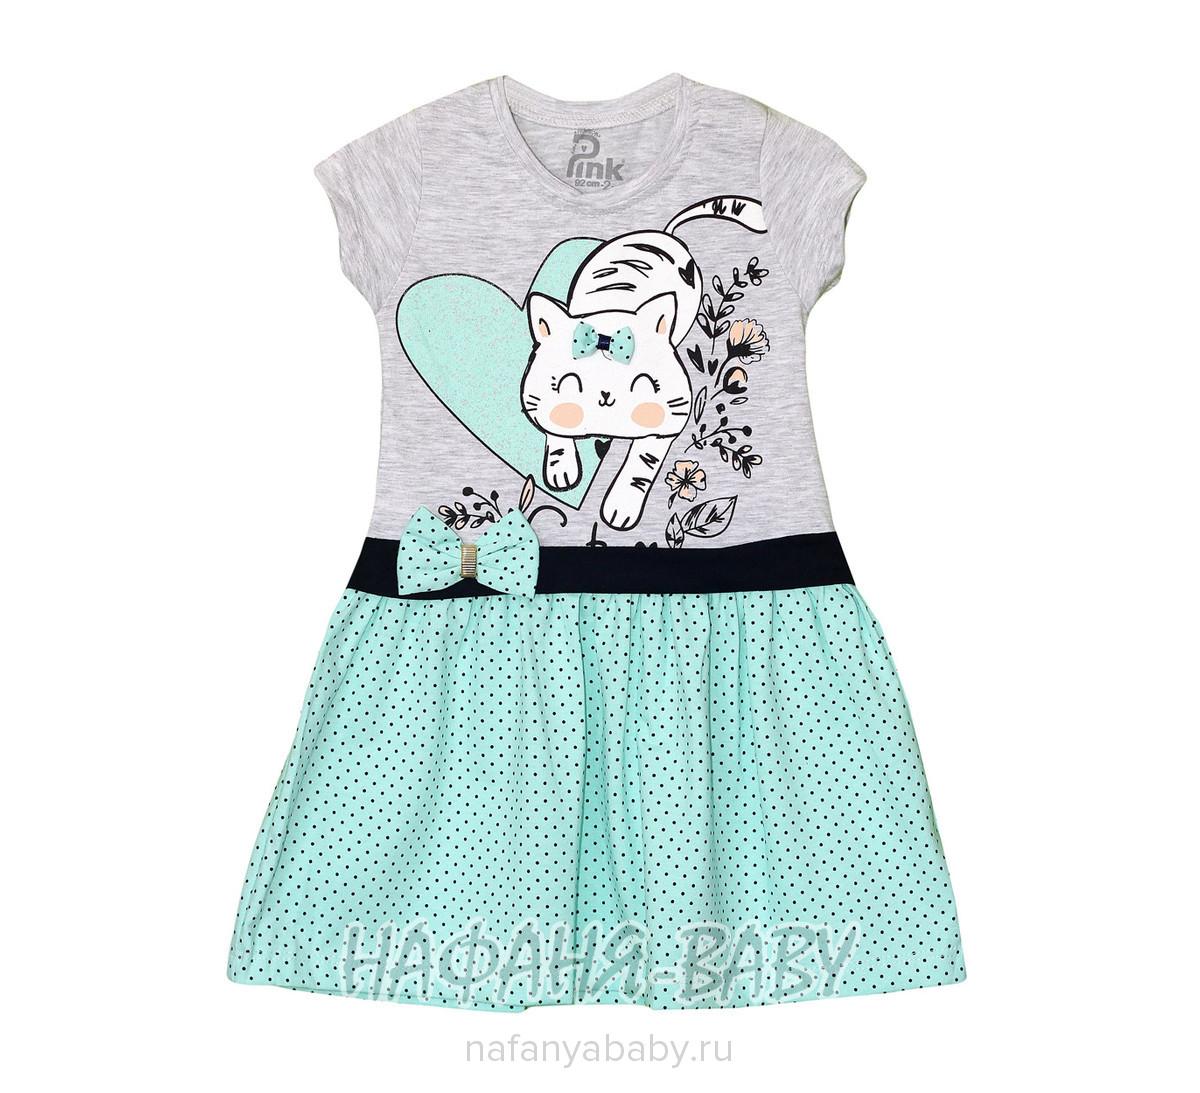 Платье с забавным котенком PINK арт: 5347, 5-9 лет, 1-4 года, цвет аквамариновый, оптом Турция